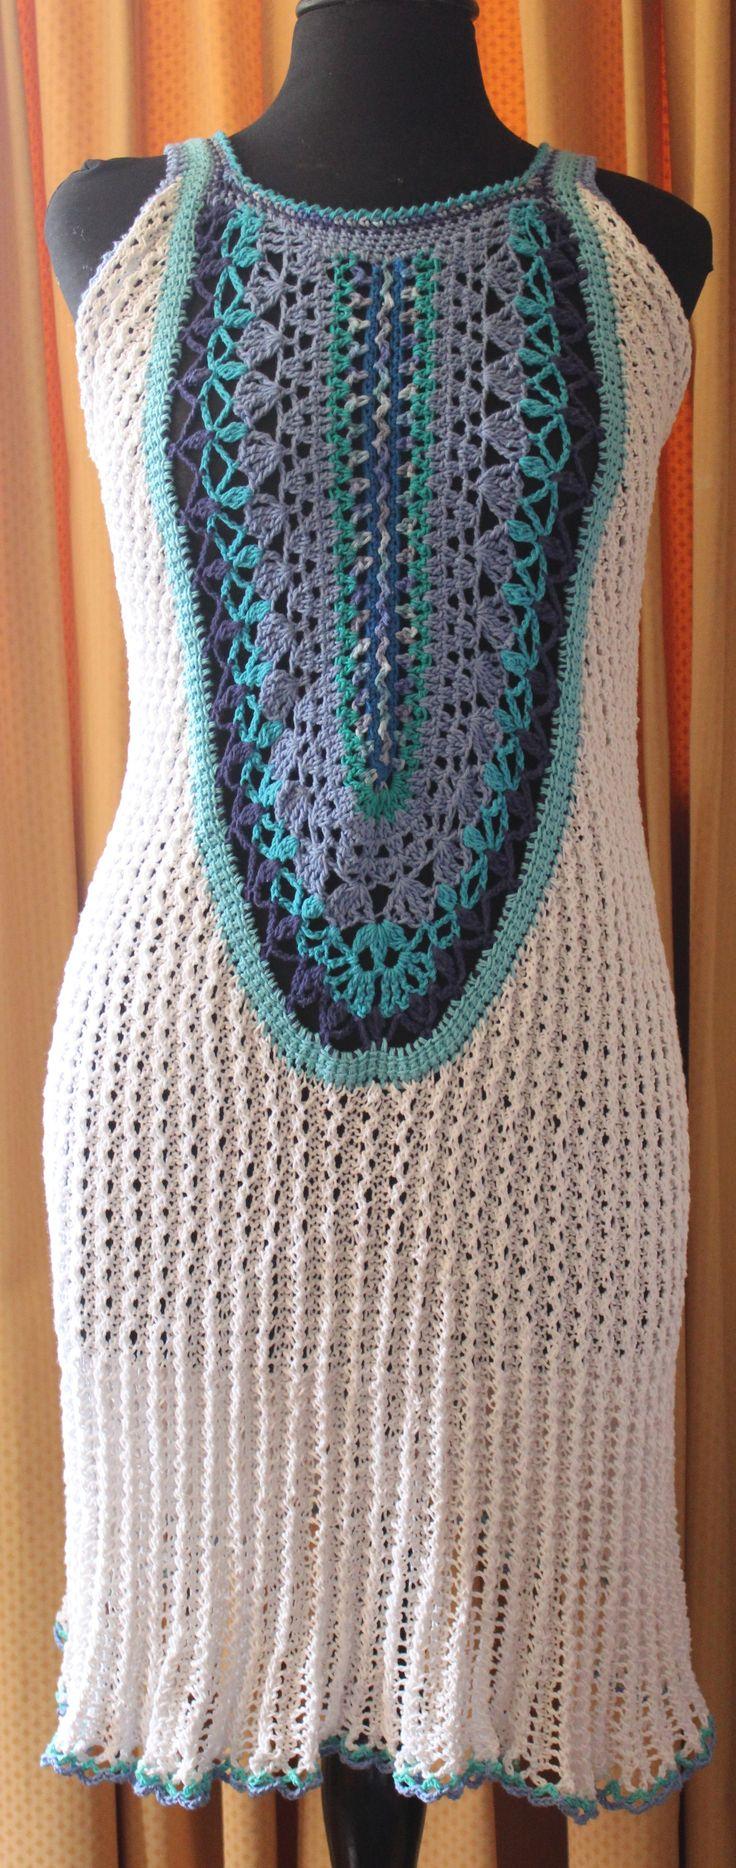 delantera de un vestido de algodón tejido a palillo alrededor de un centro de crochet.